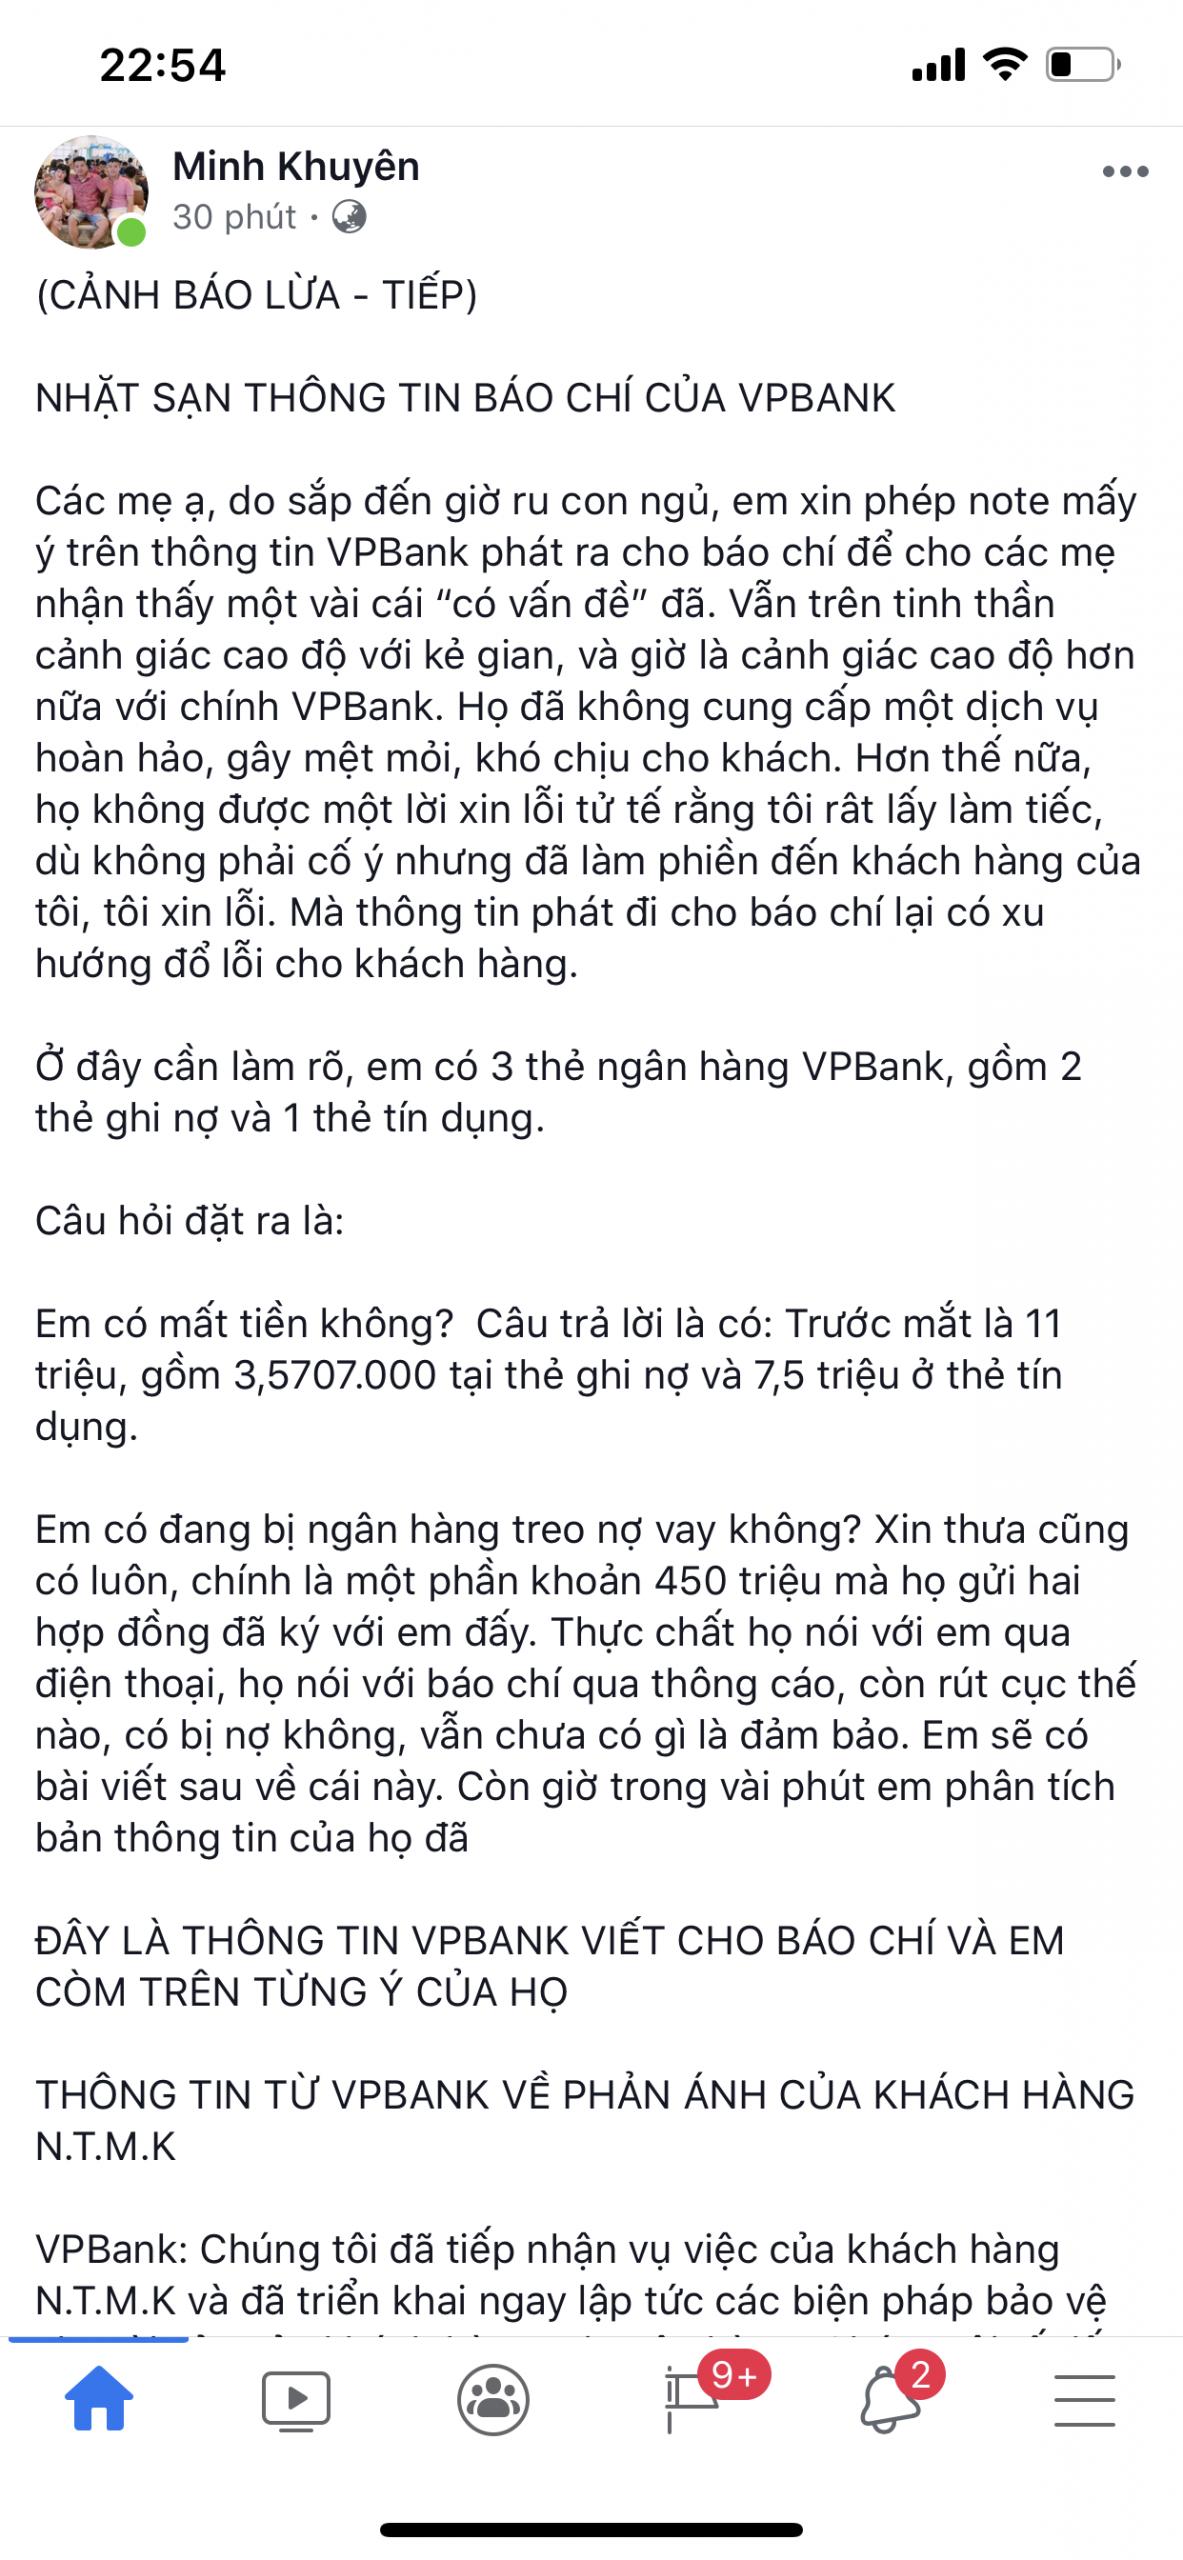 Cảnh báo lừa - Tiếp: Nhặt sạn thông tin báo chí của VPBank 13